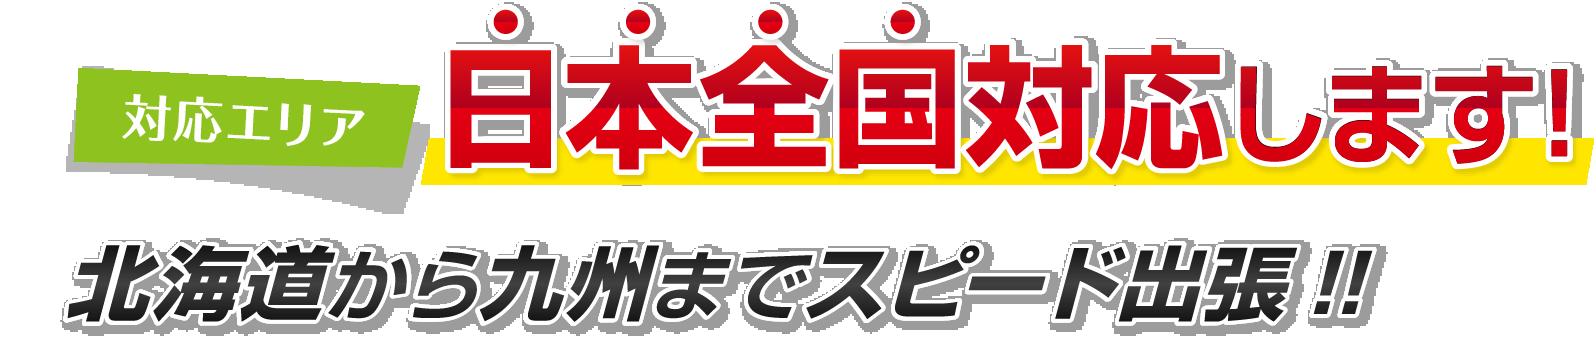 対応エリア 中部・関東エリア 完全網羅 愛知・静岡の2拠点から 北部 西部 中部 へスピード出張!!